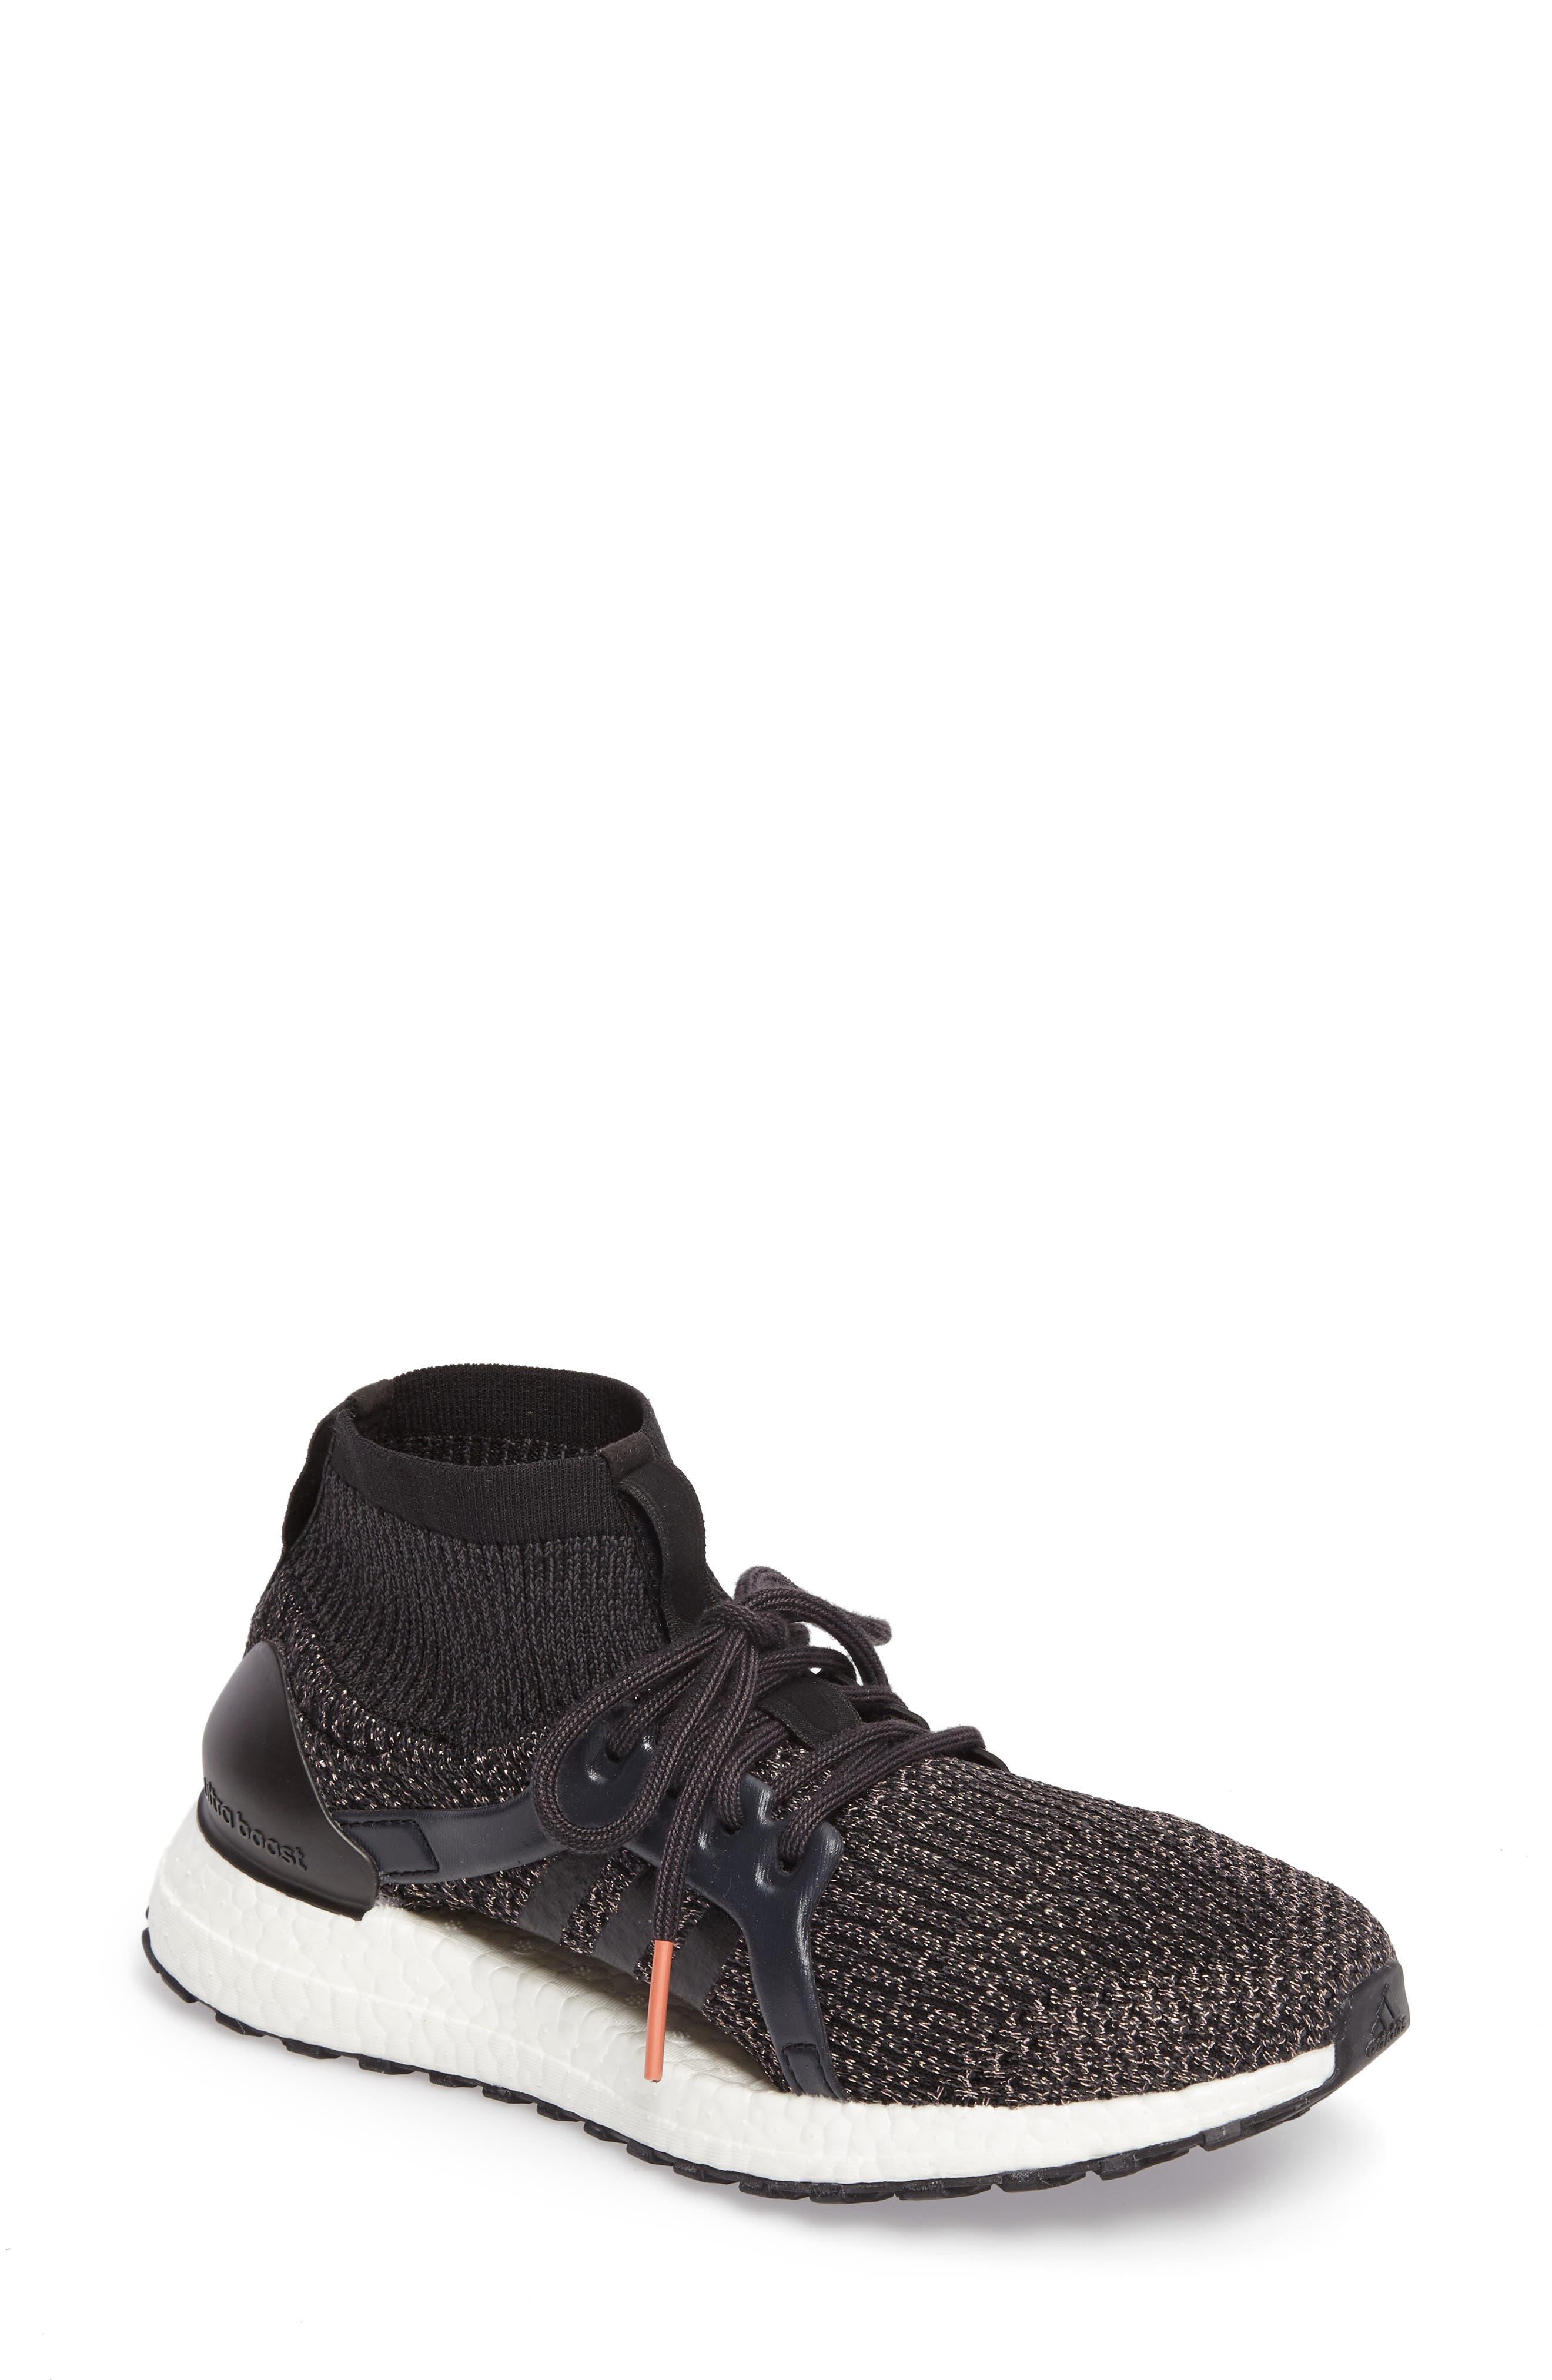 adidas Ultraboost X All Terrain LTD Running Shoe (Women)